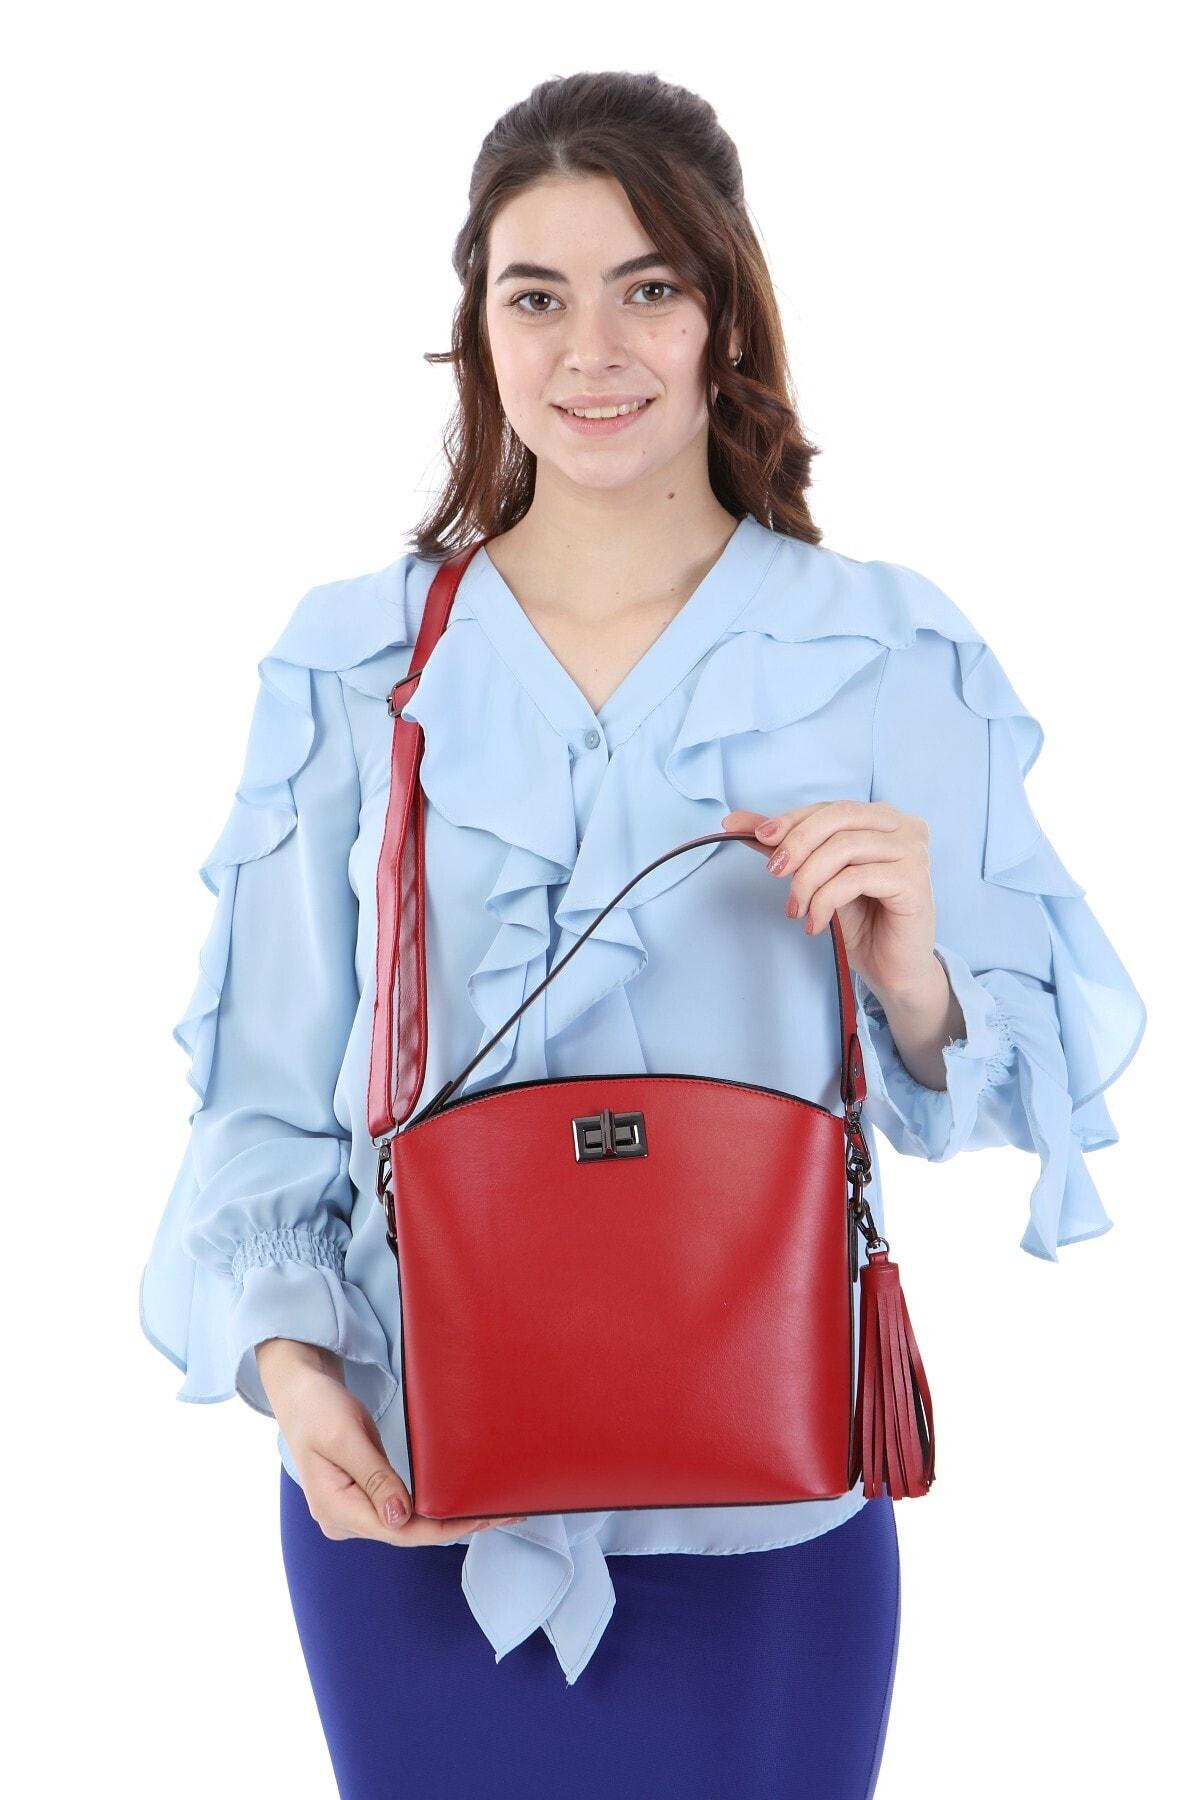 womenacs Kadın Kırmızı Renk Elde Ve Omuz Askılı Kullanılabilen Bol Gözlü Püskül Aksesuarlı Çantası 1